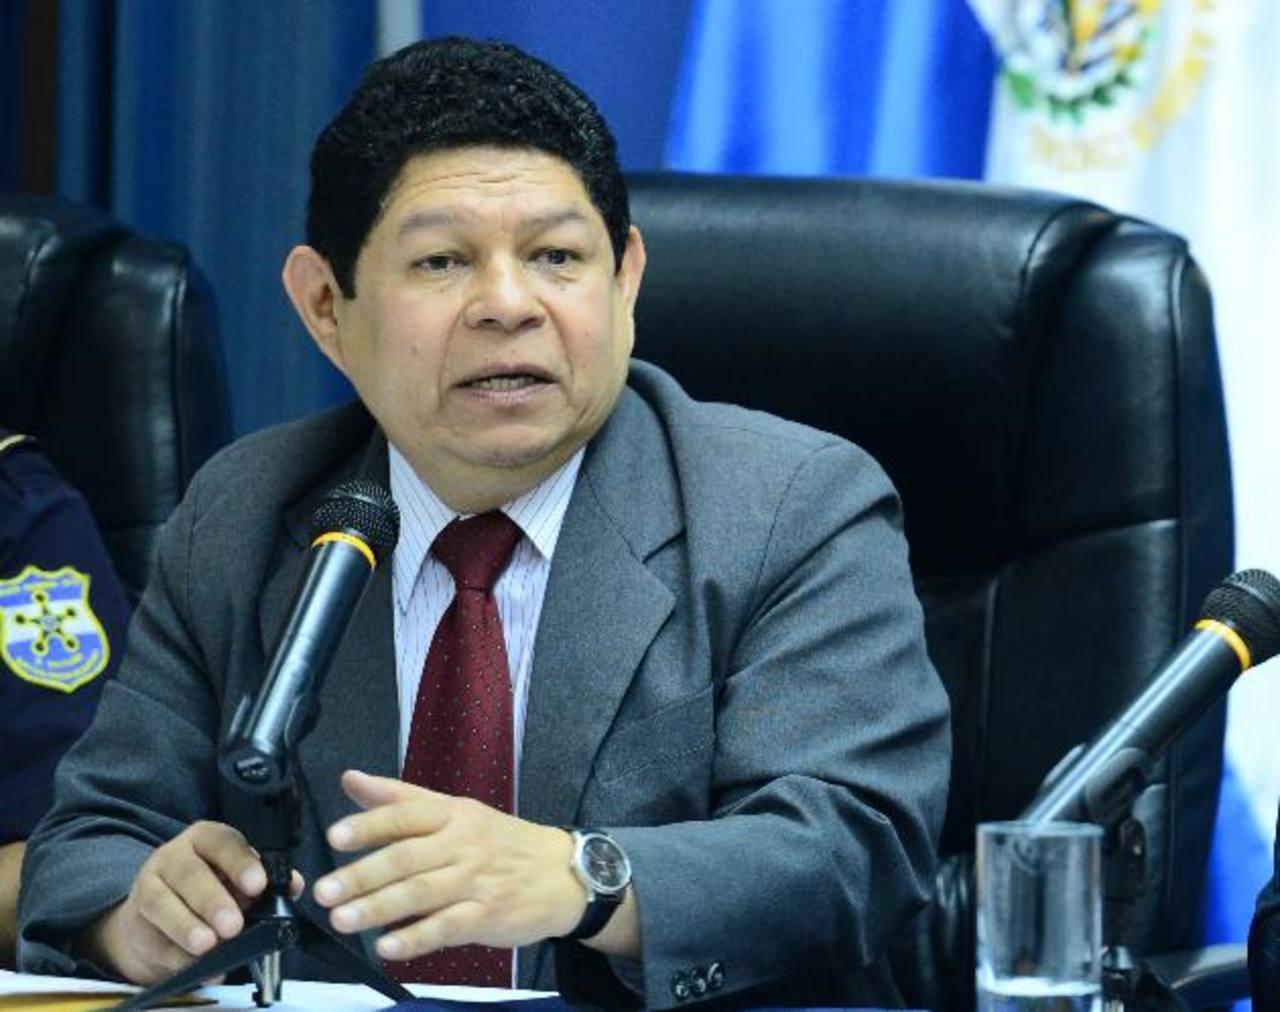 El ministro Lara admitió la existencia de los fondos, pero que el procedimiento ha retrasado su entrega.